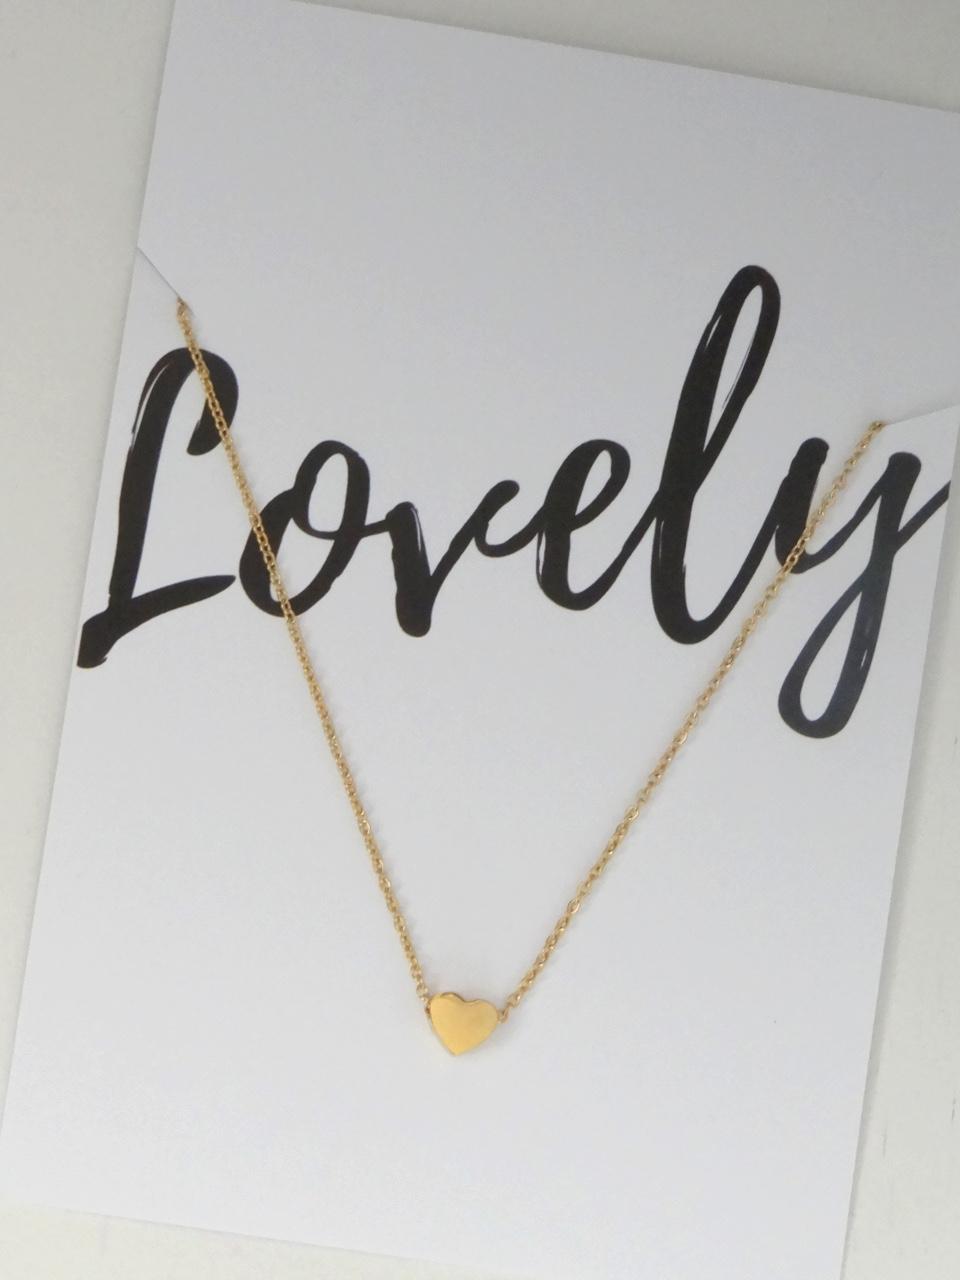 Lovely1